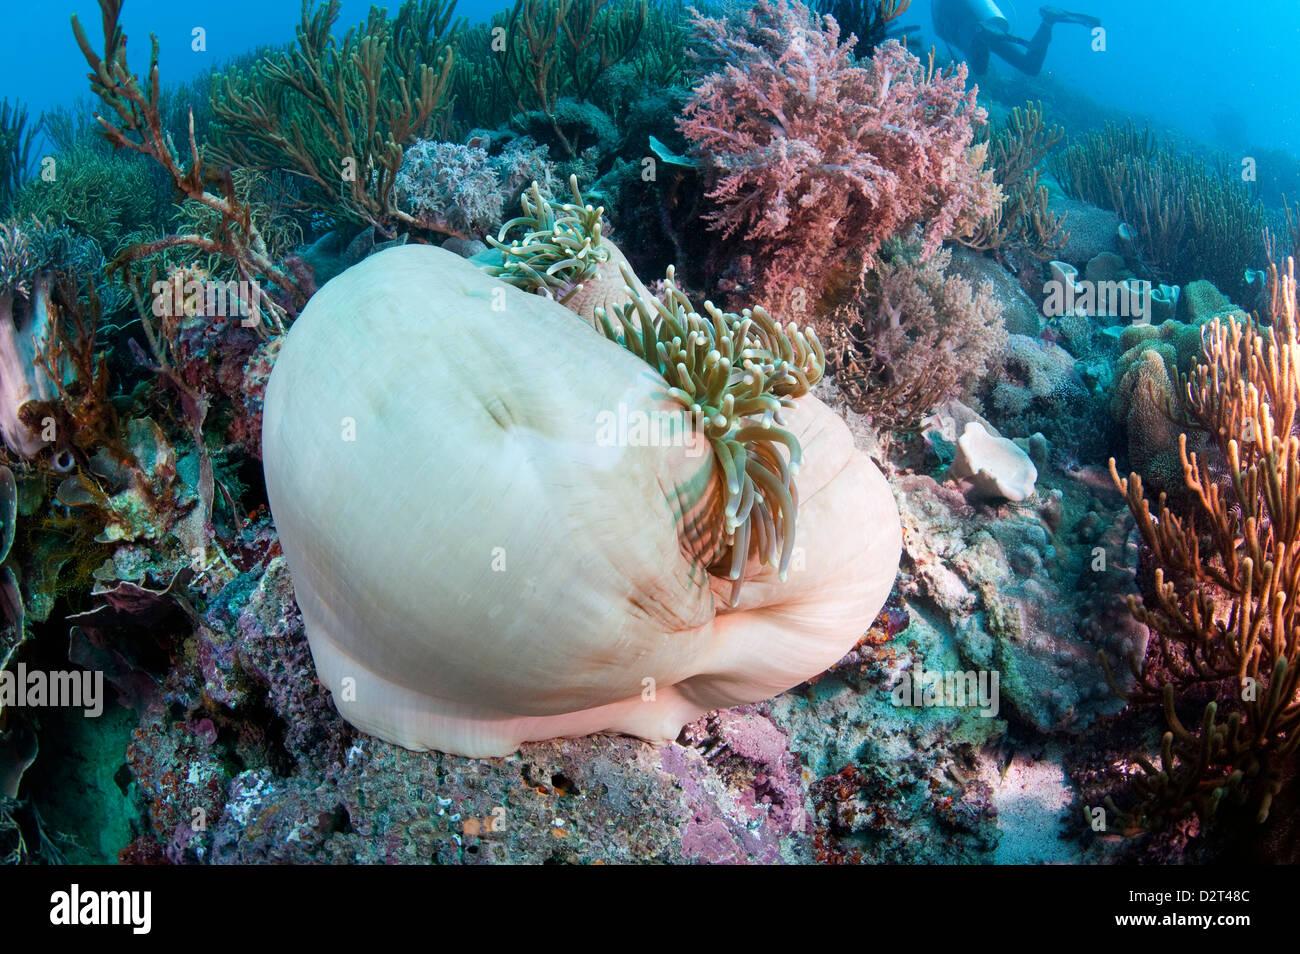 White anemone mantle, Komodo, Indonesia, Southeast Asia, Asia - Stock Image